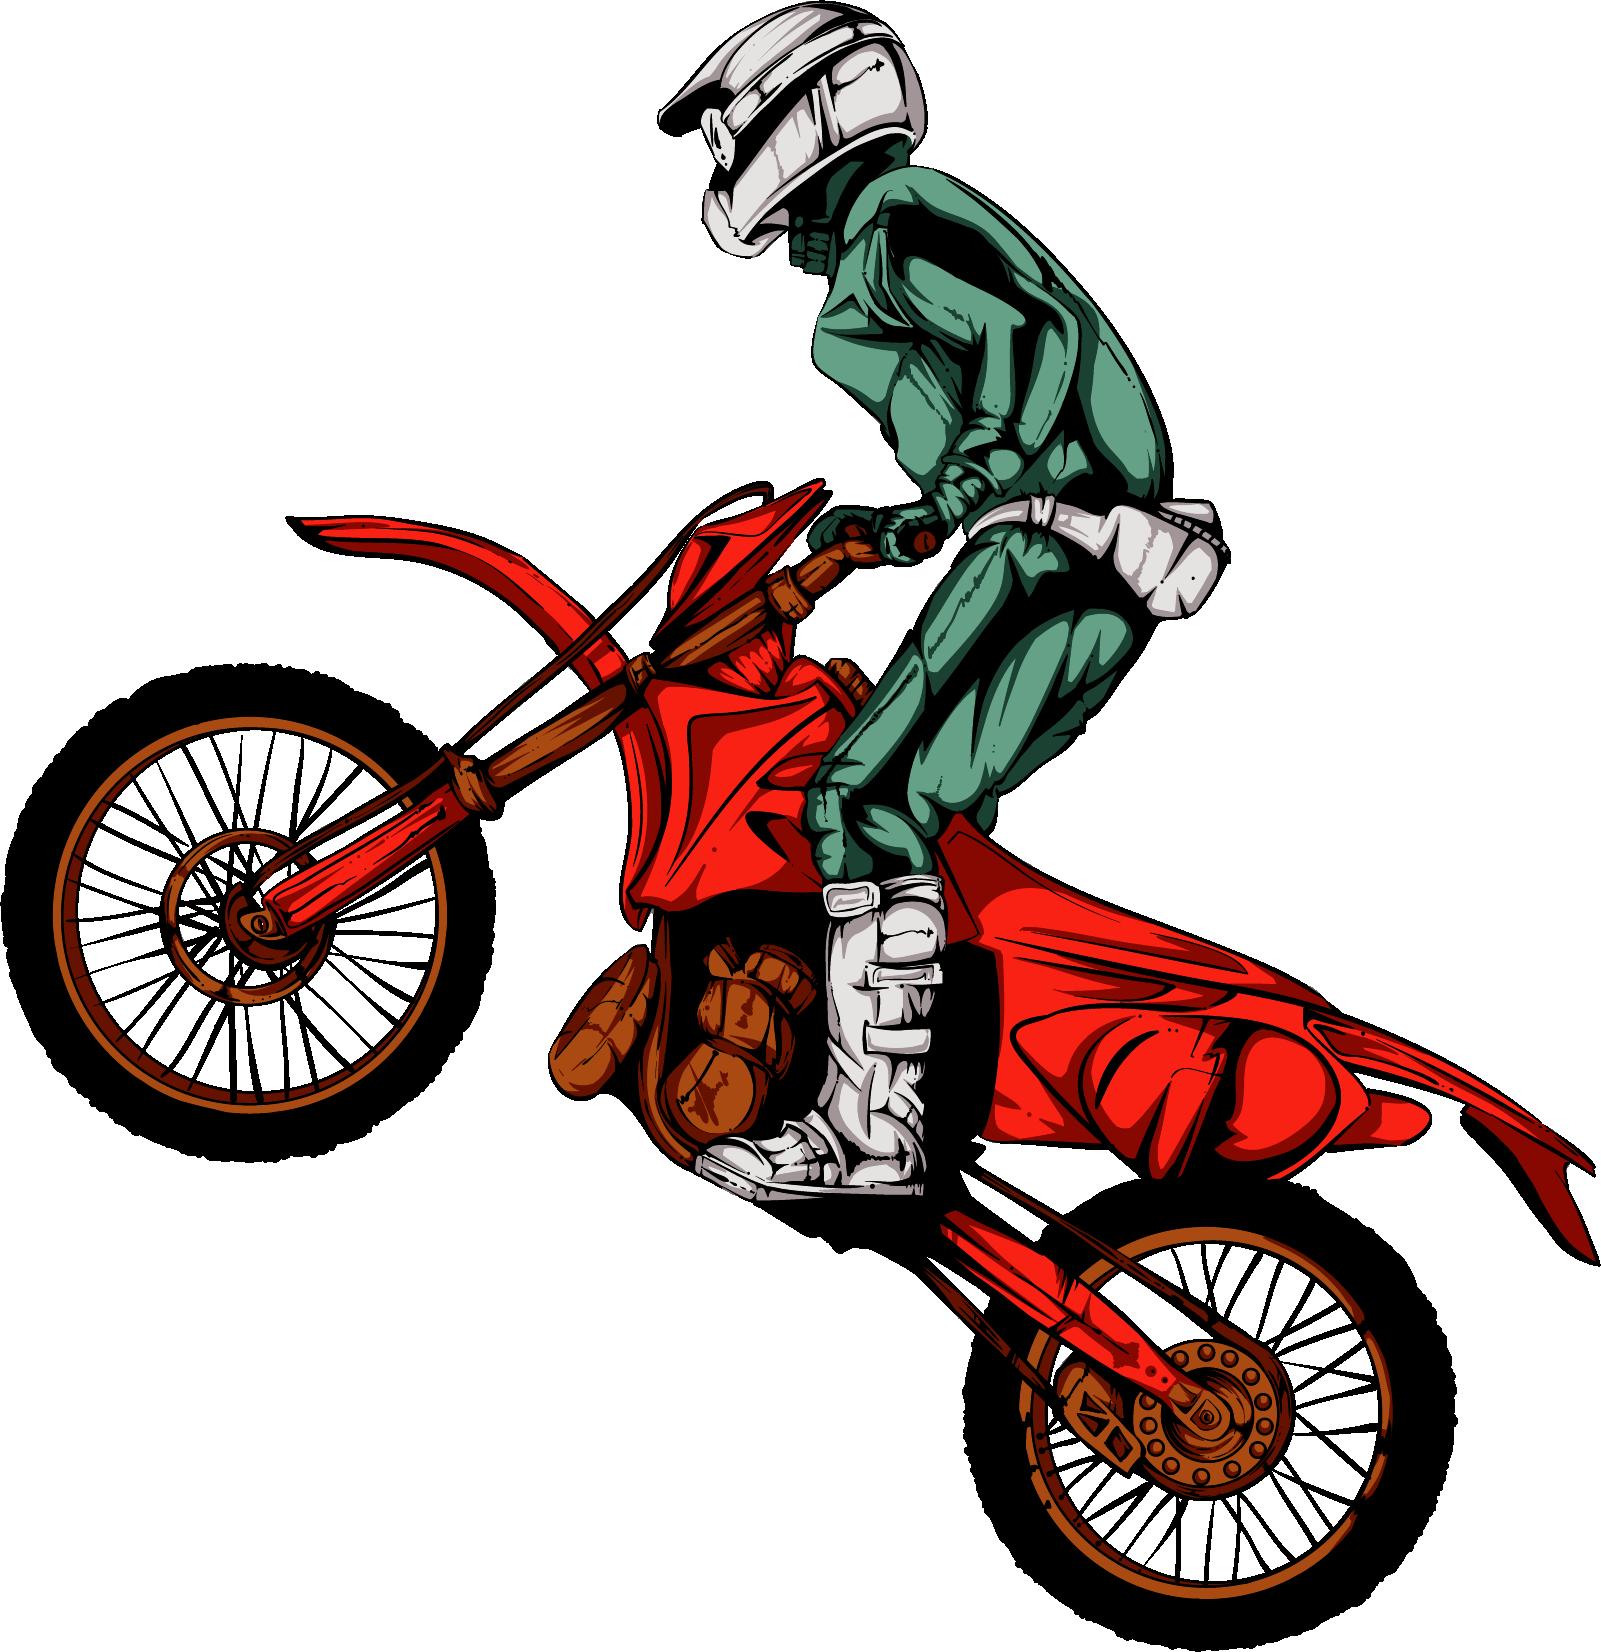 мультяшные картинки с мотоциклами написала искренний пост